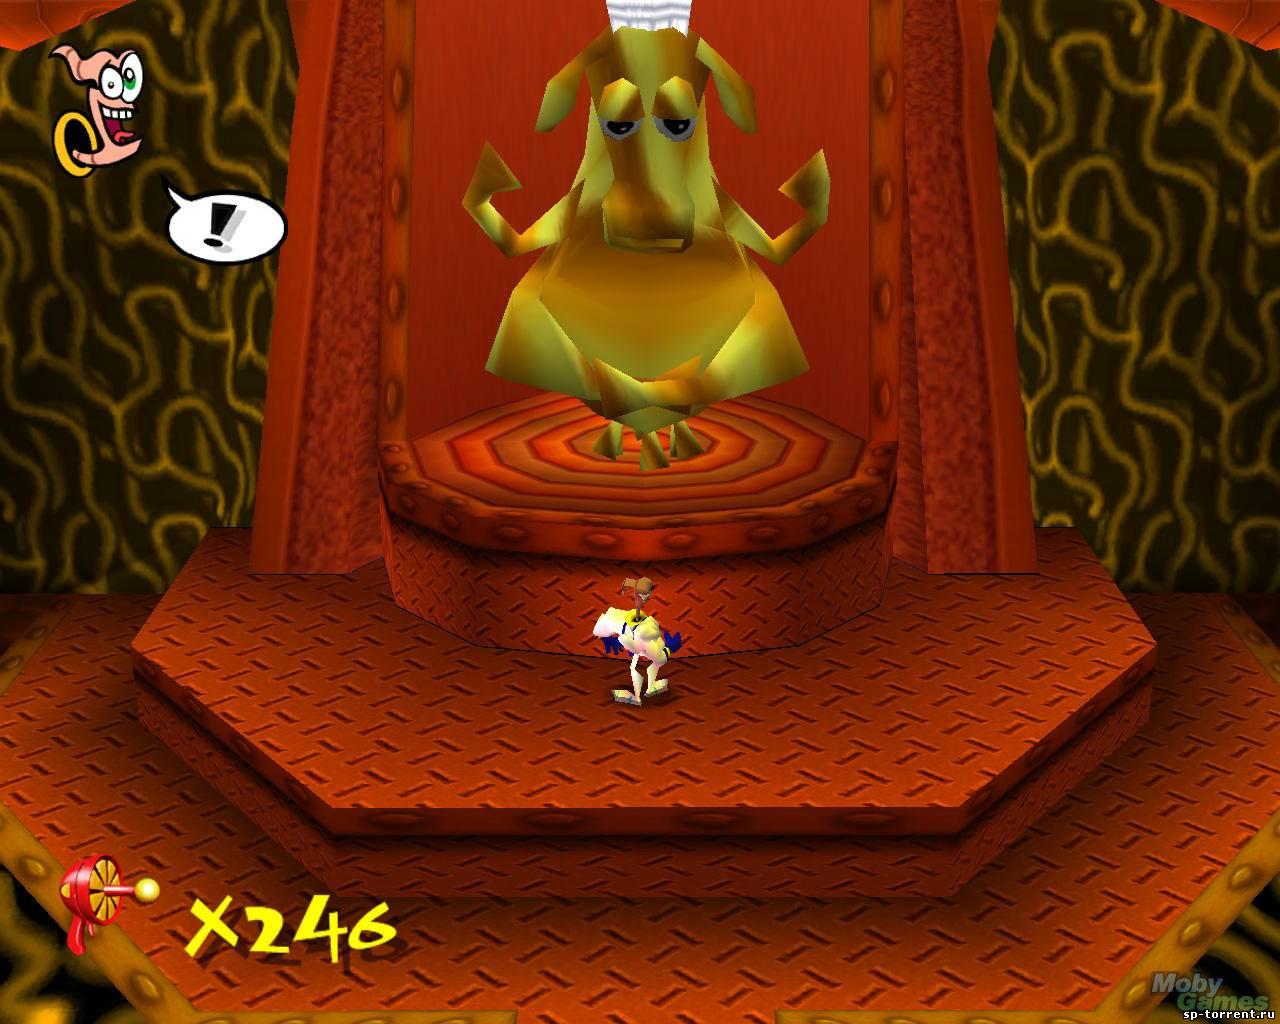 Червяк джим игра скачать бесплатно на пк 1392532.